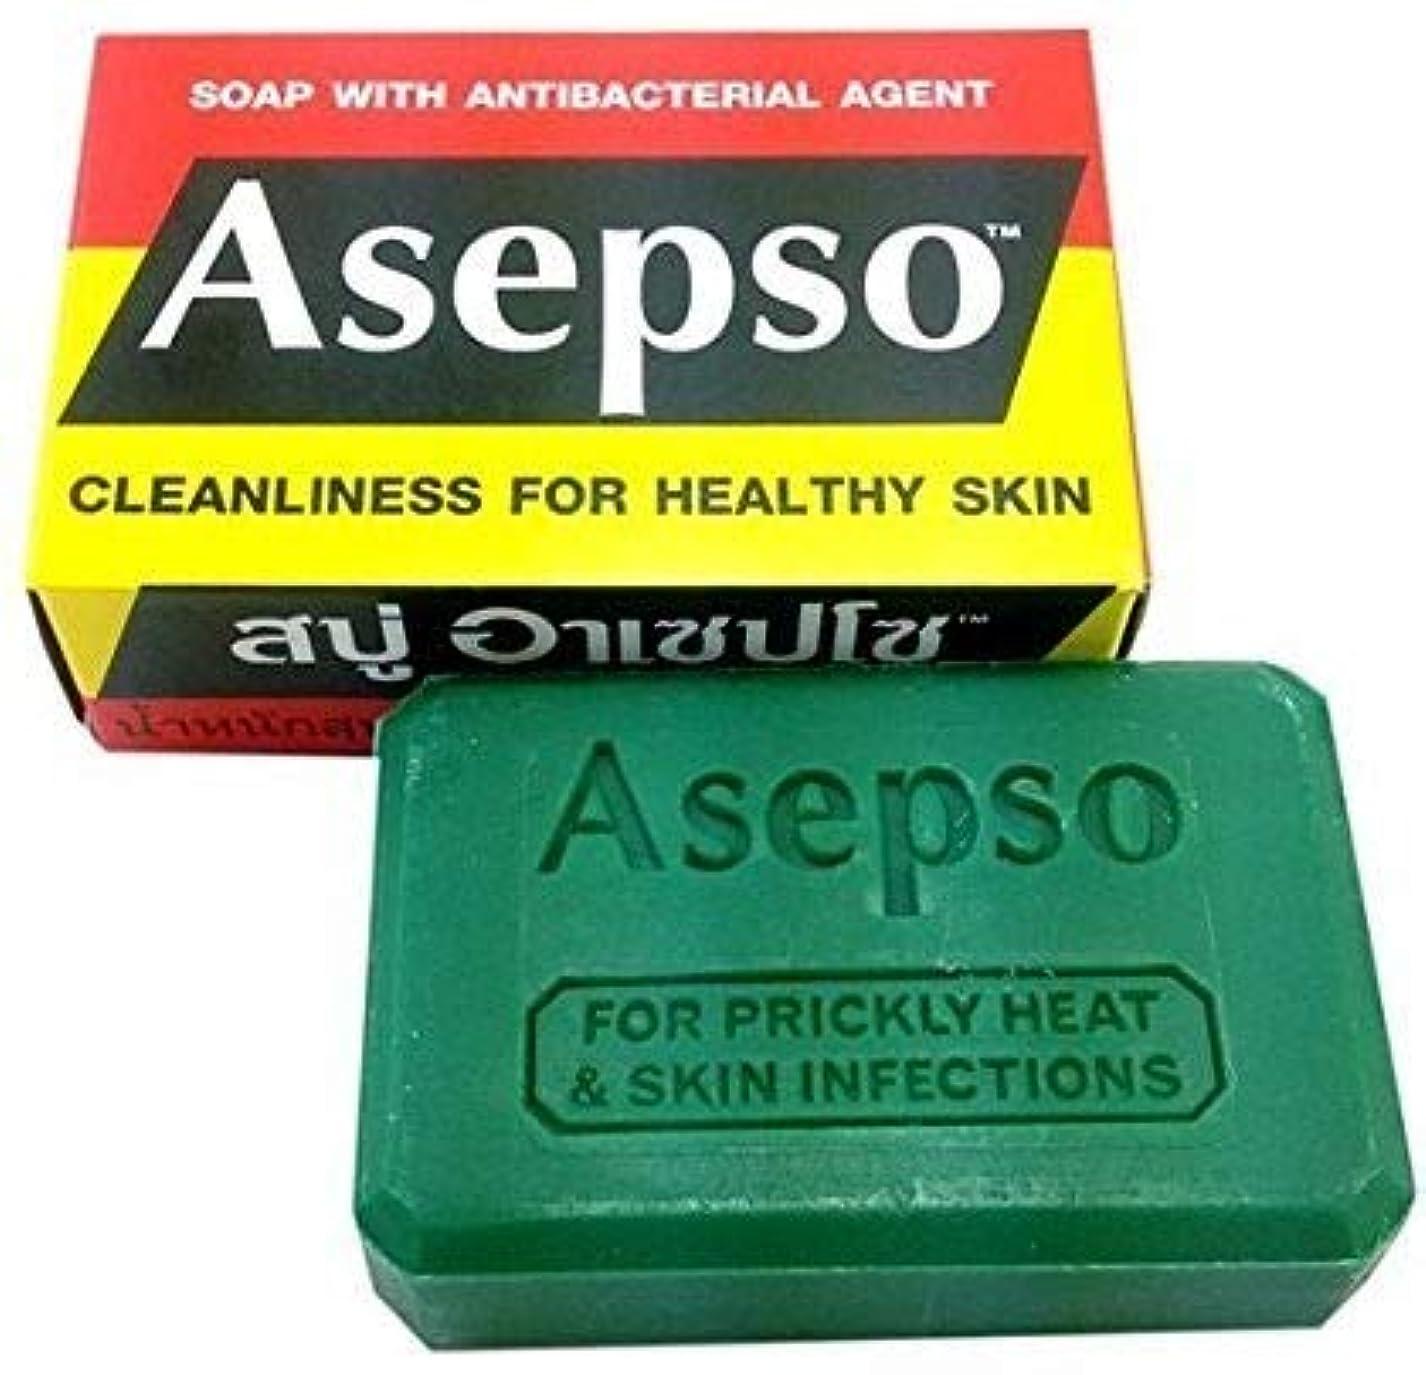 私たち自身ジョセフバンクスペパーミントNi Yom Thai shop Asepso Soap with Antibacterial Agent 80 Grams